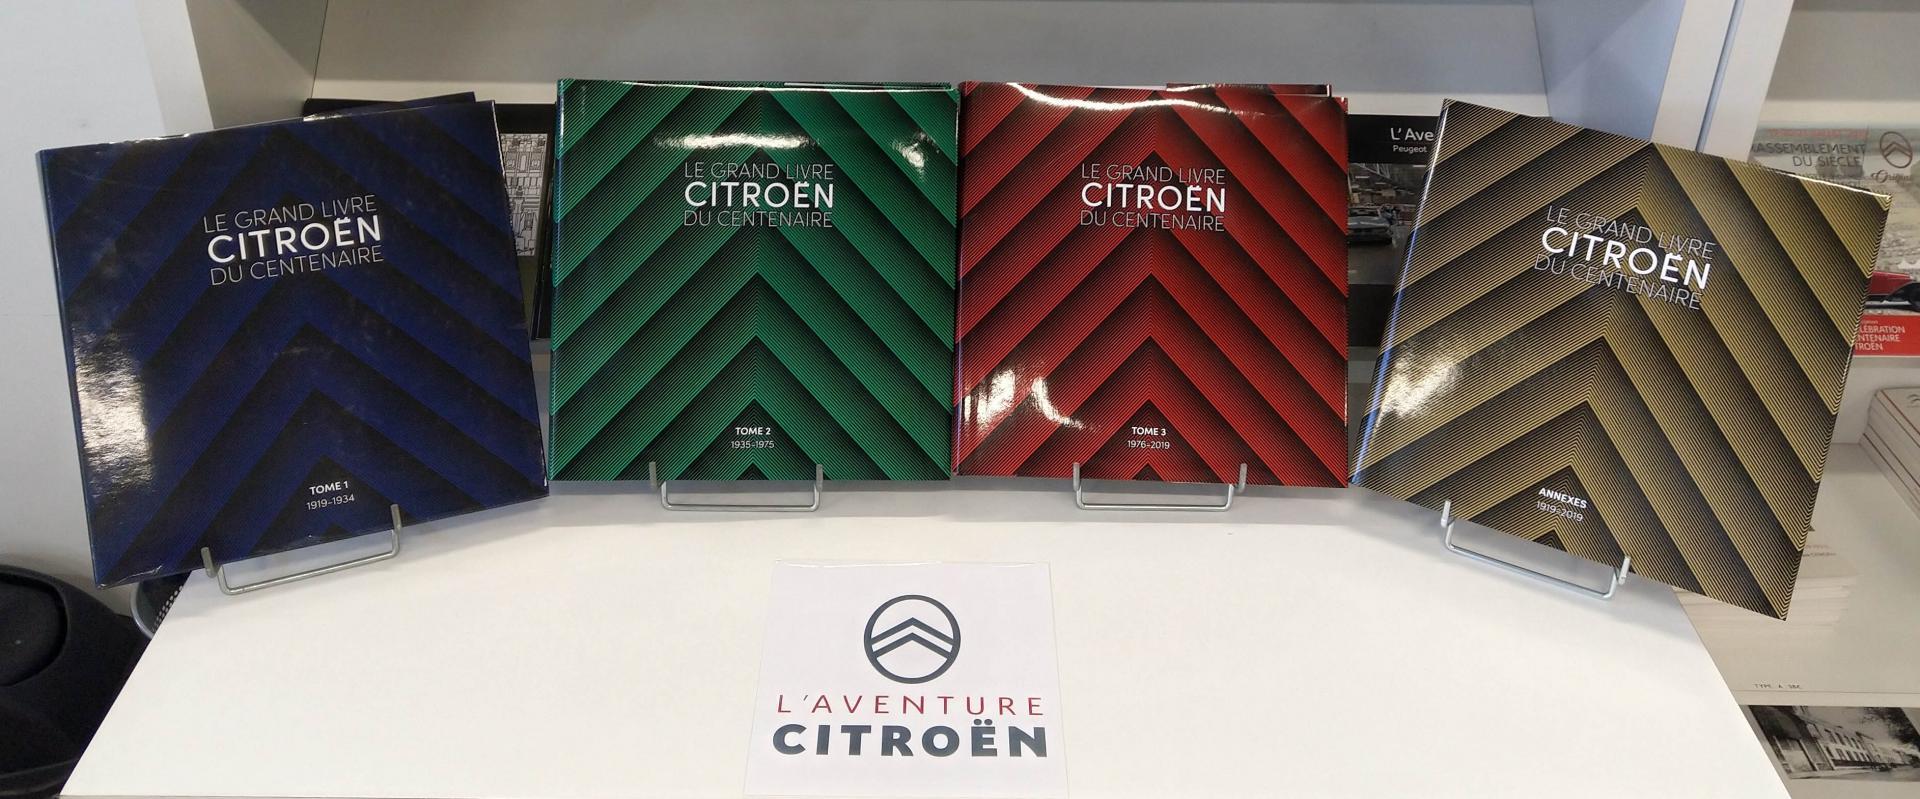 2021 Le Grand Livre Citroën en 4 tomes